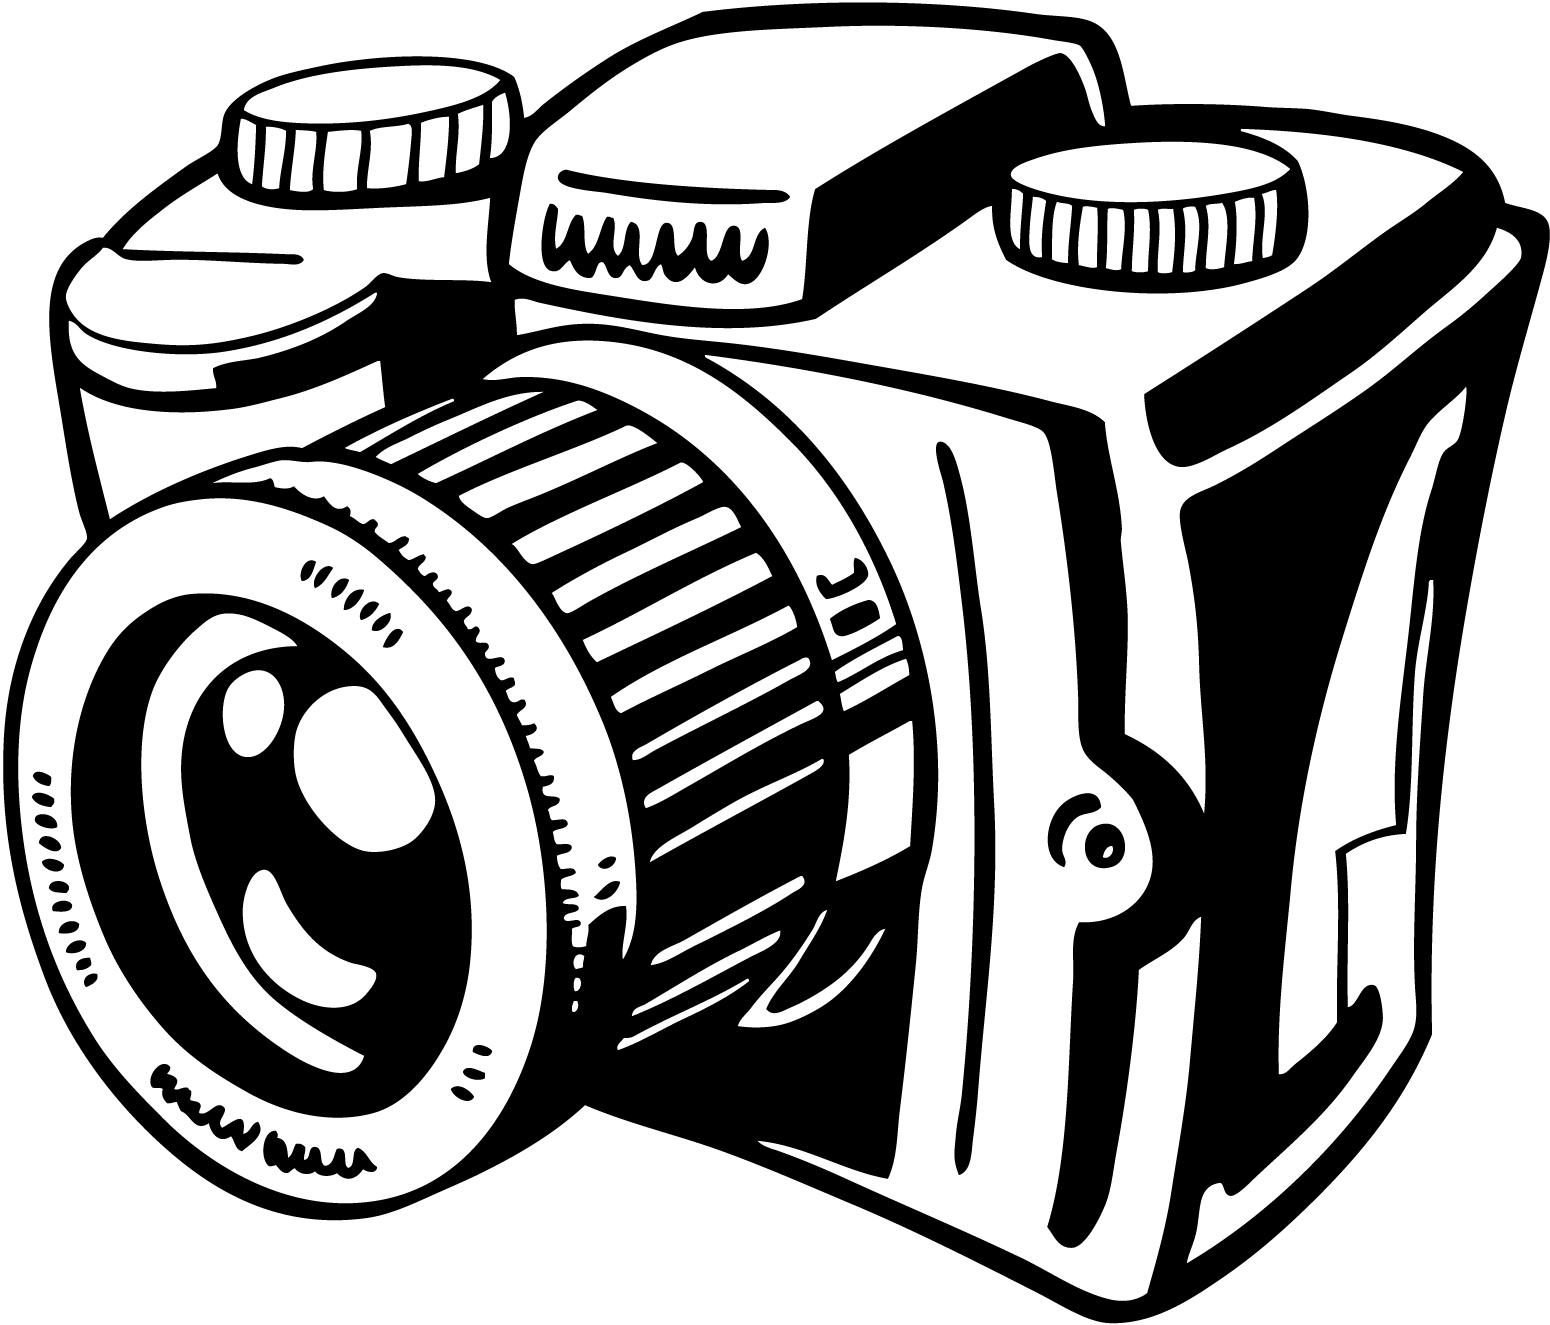 Camera Clip Art Vector Clip Clipart Clip-Camera clip art vector clip clipart cliparts for you - Cliparting clipartall.com-4